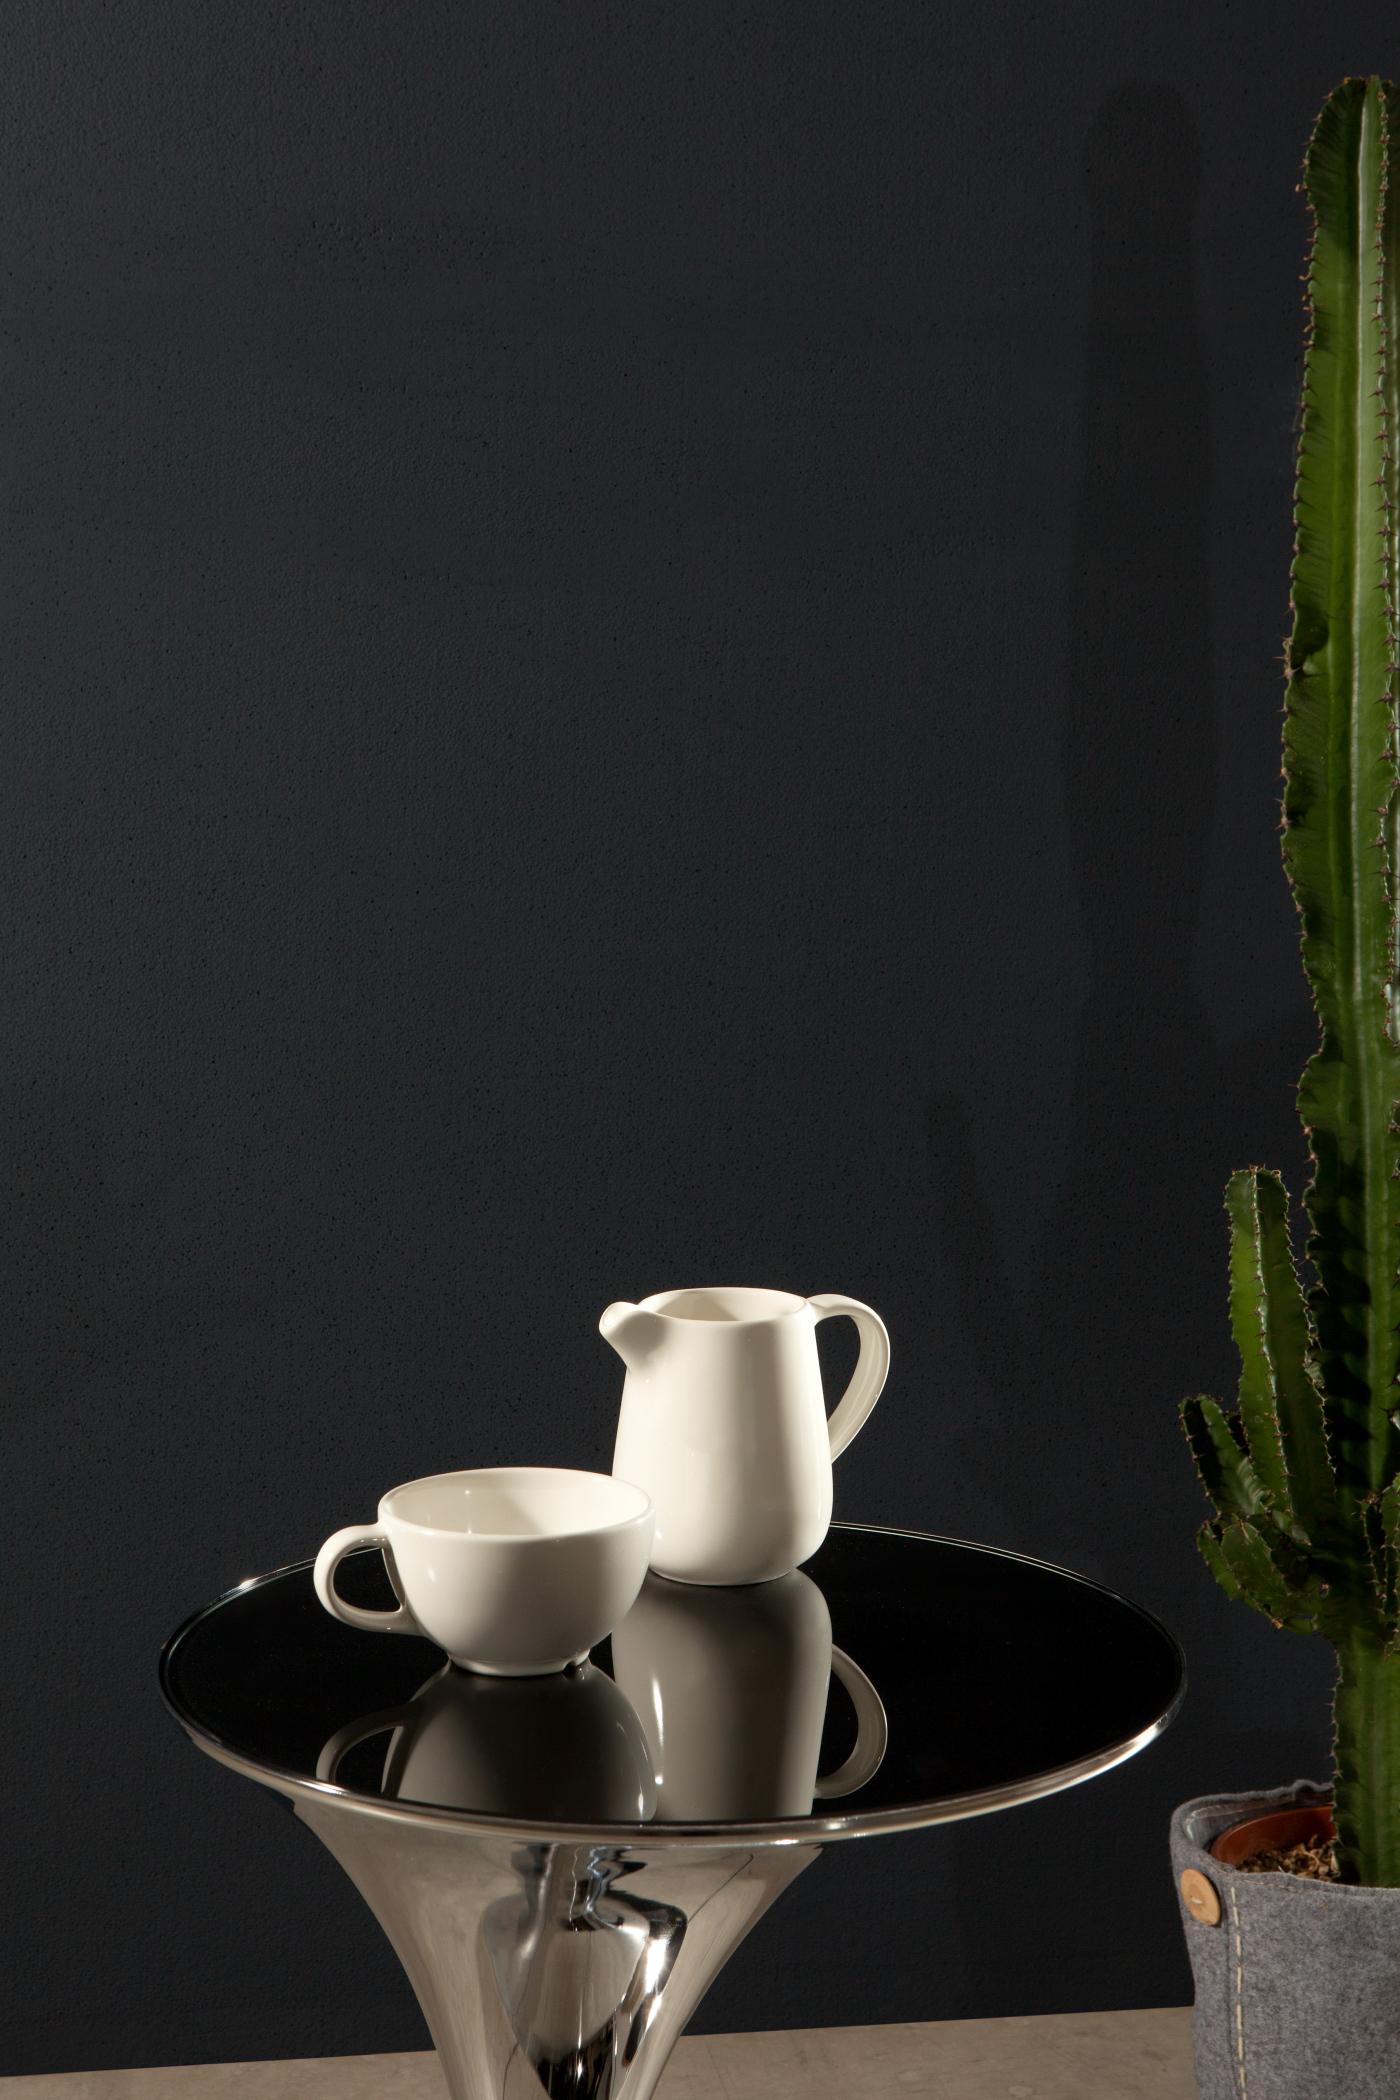 010116-101000-prod-gallery-412-t6293andorra02